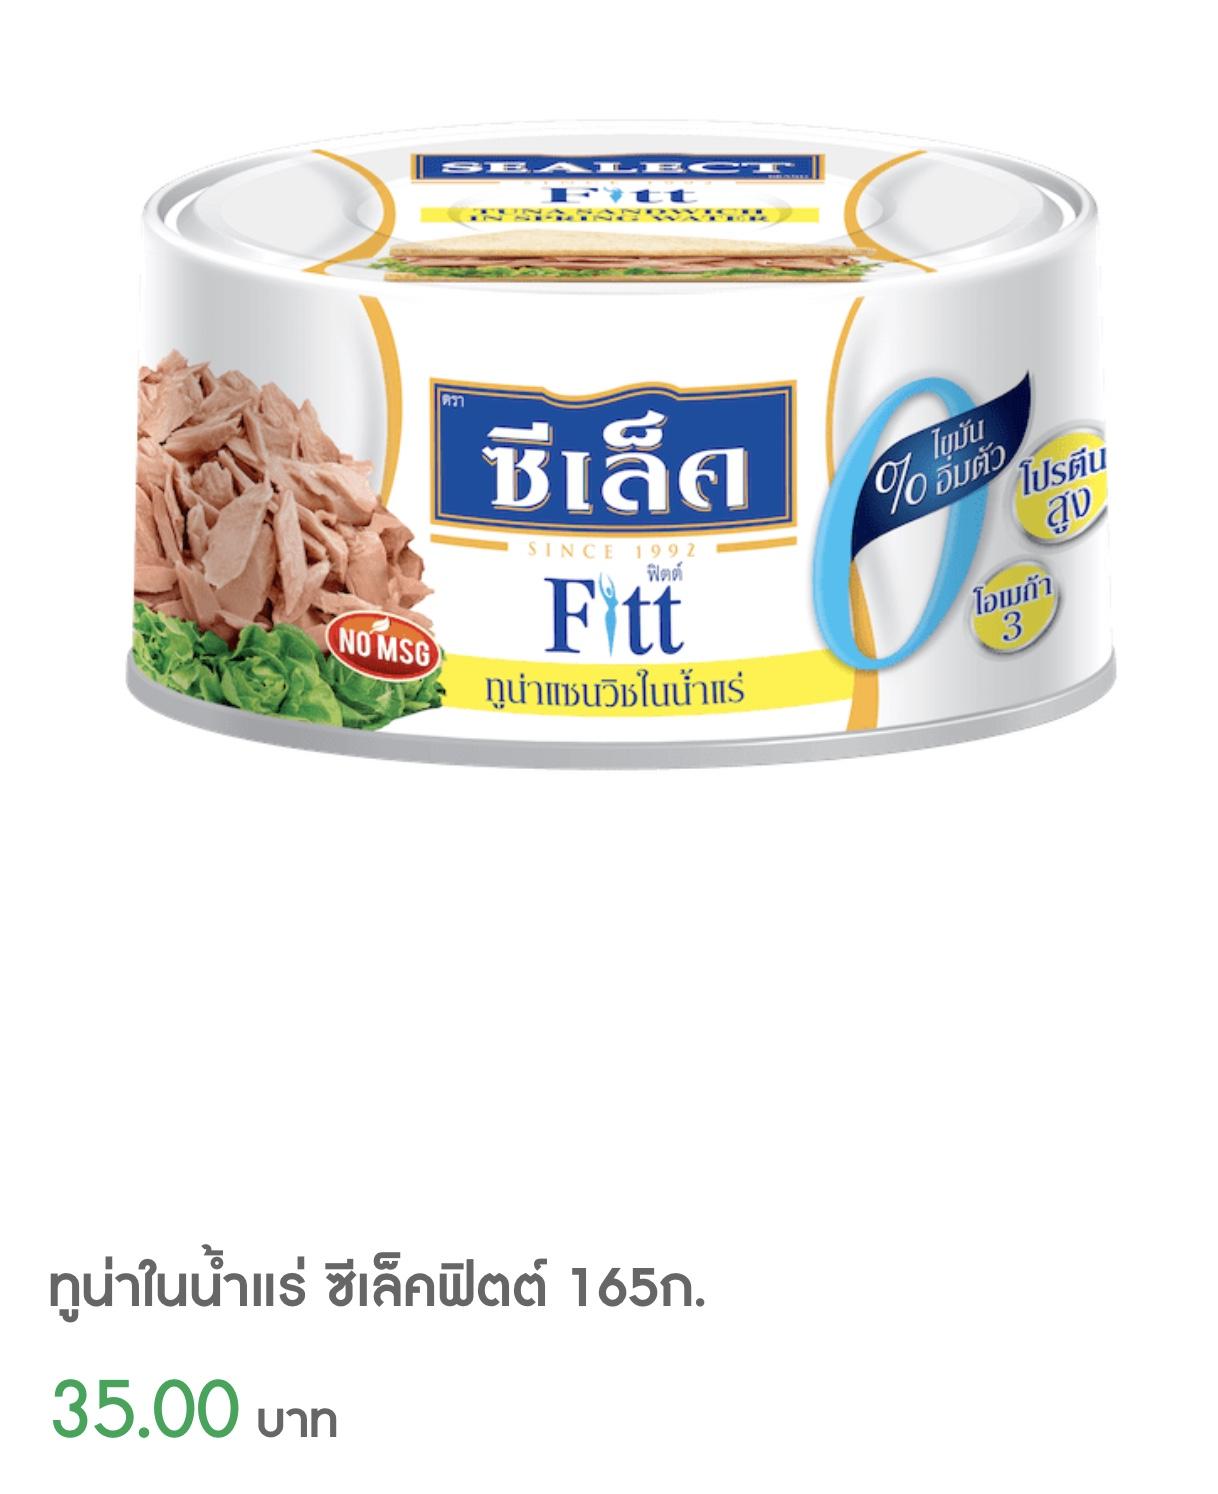 อาหารลดน้ำหนัก เซเว่น